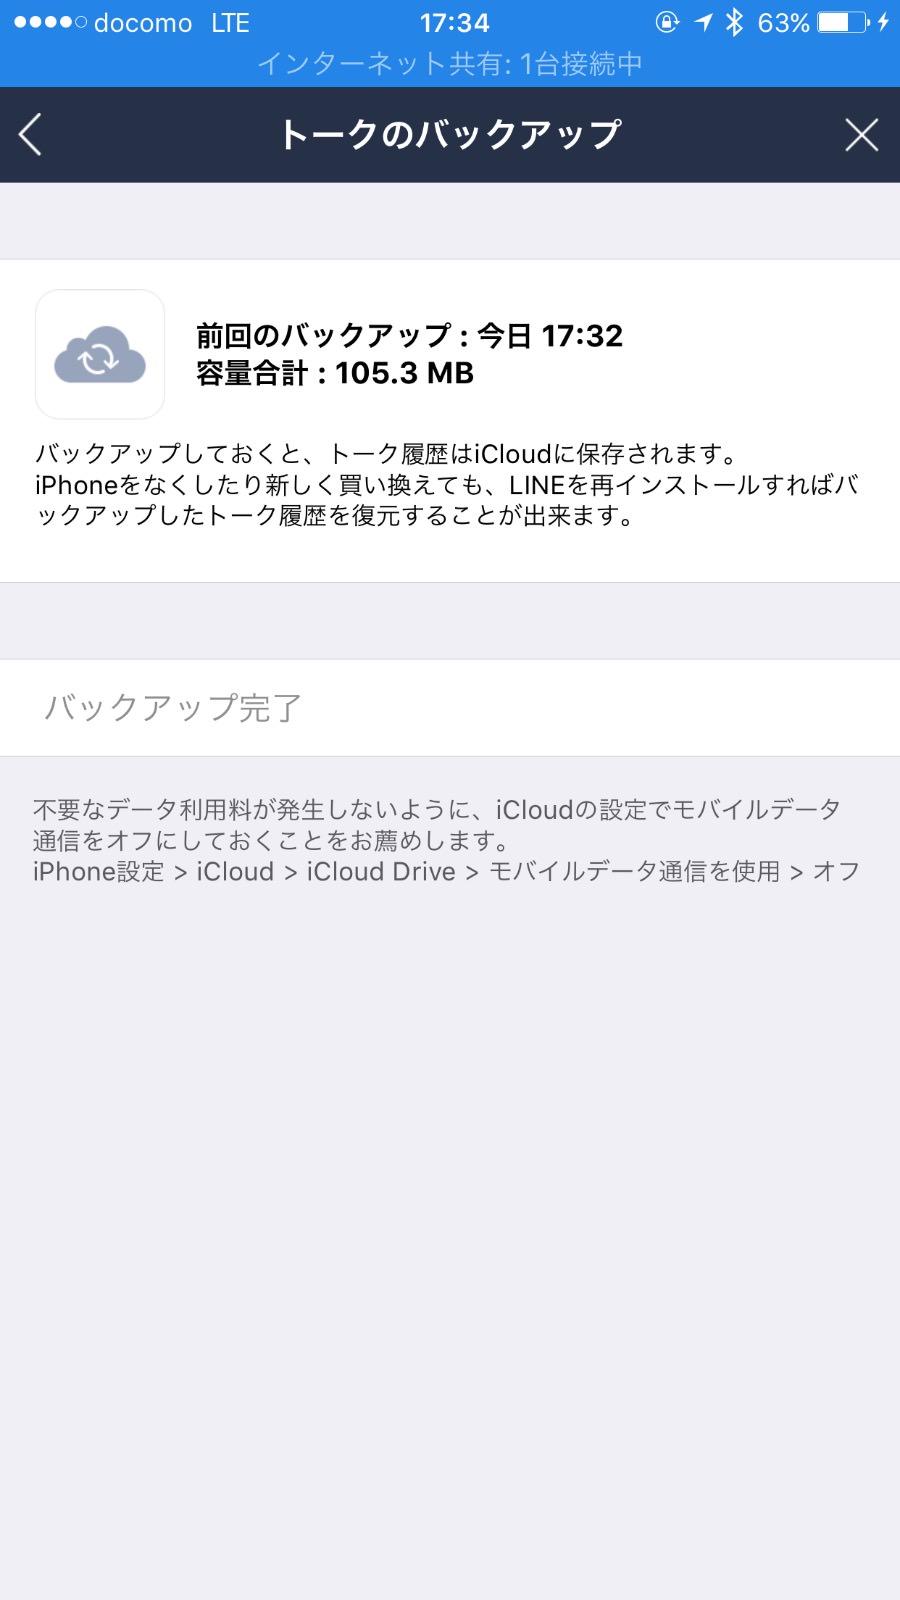 Line backup 5519